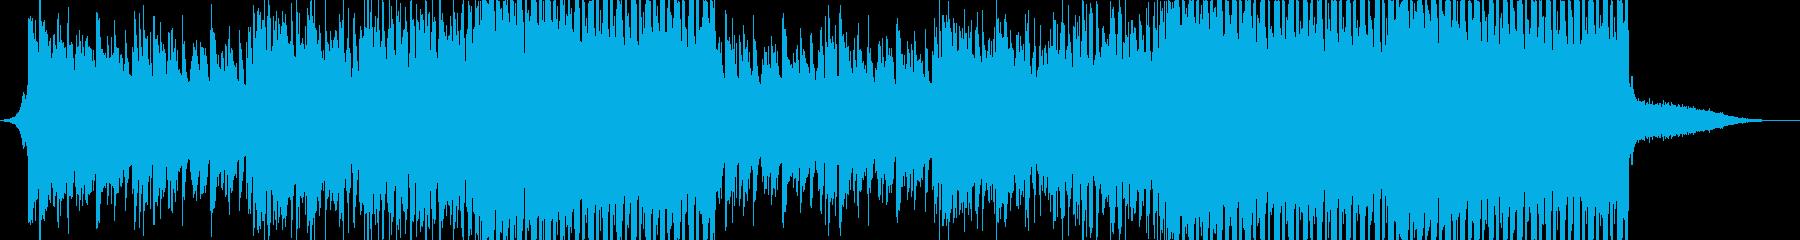 夏にぴったりな切ない爽やかEDM の再生済みの波形